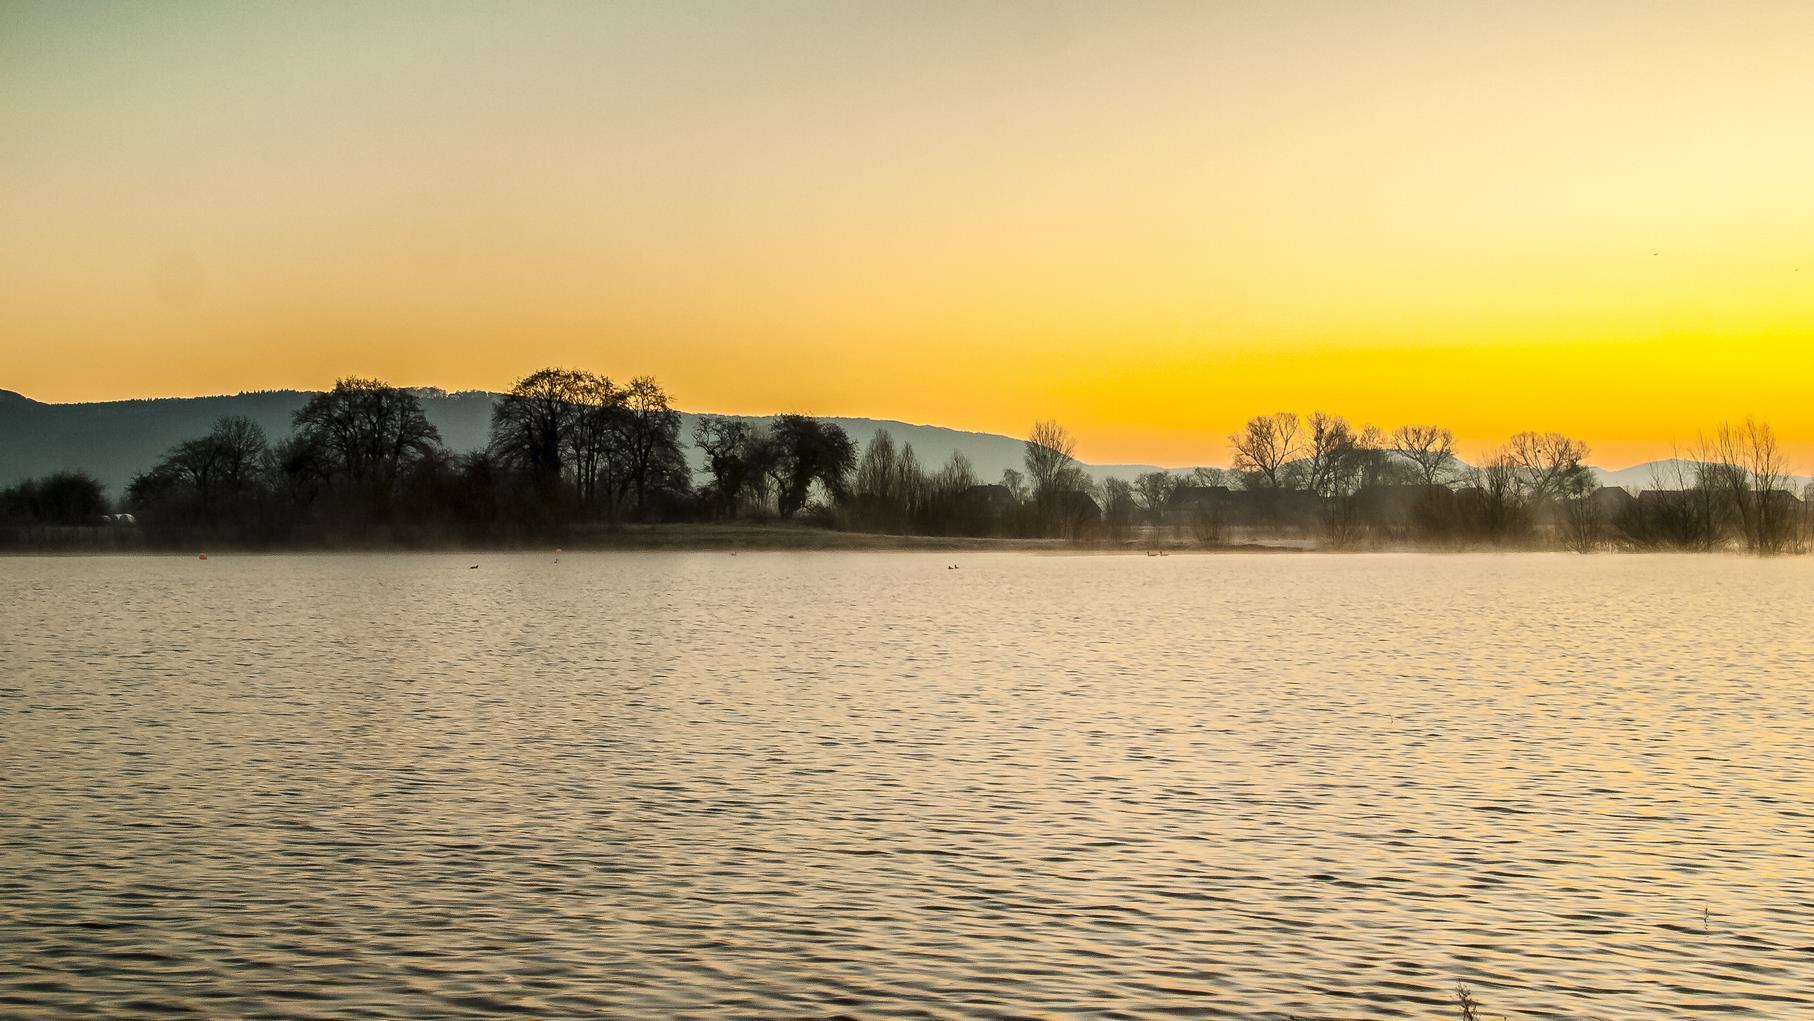 Sonnenaufgang bei Hochwasser, bei dem der Rundweg überspült wurde.